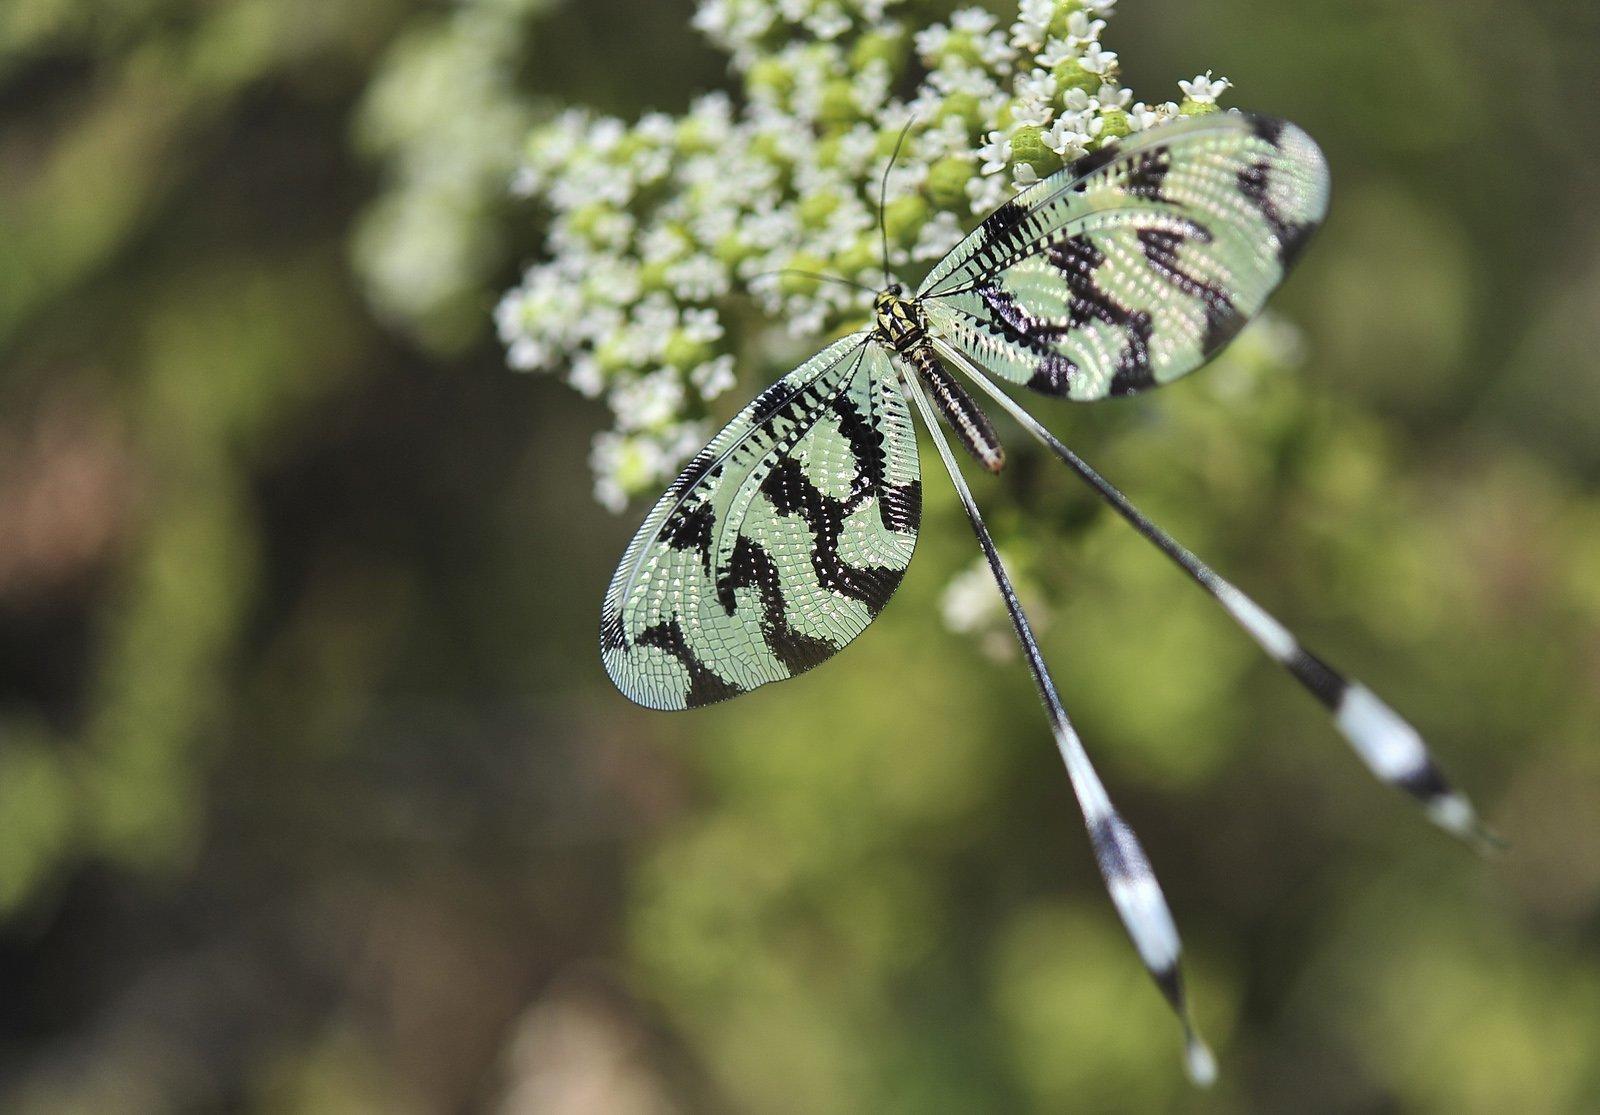 kelebek fotoğrafları – 3